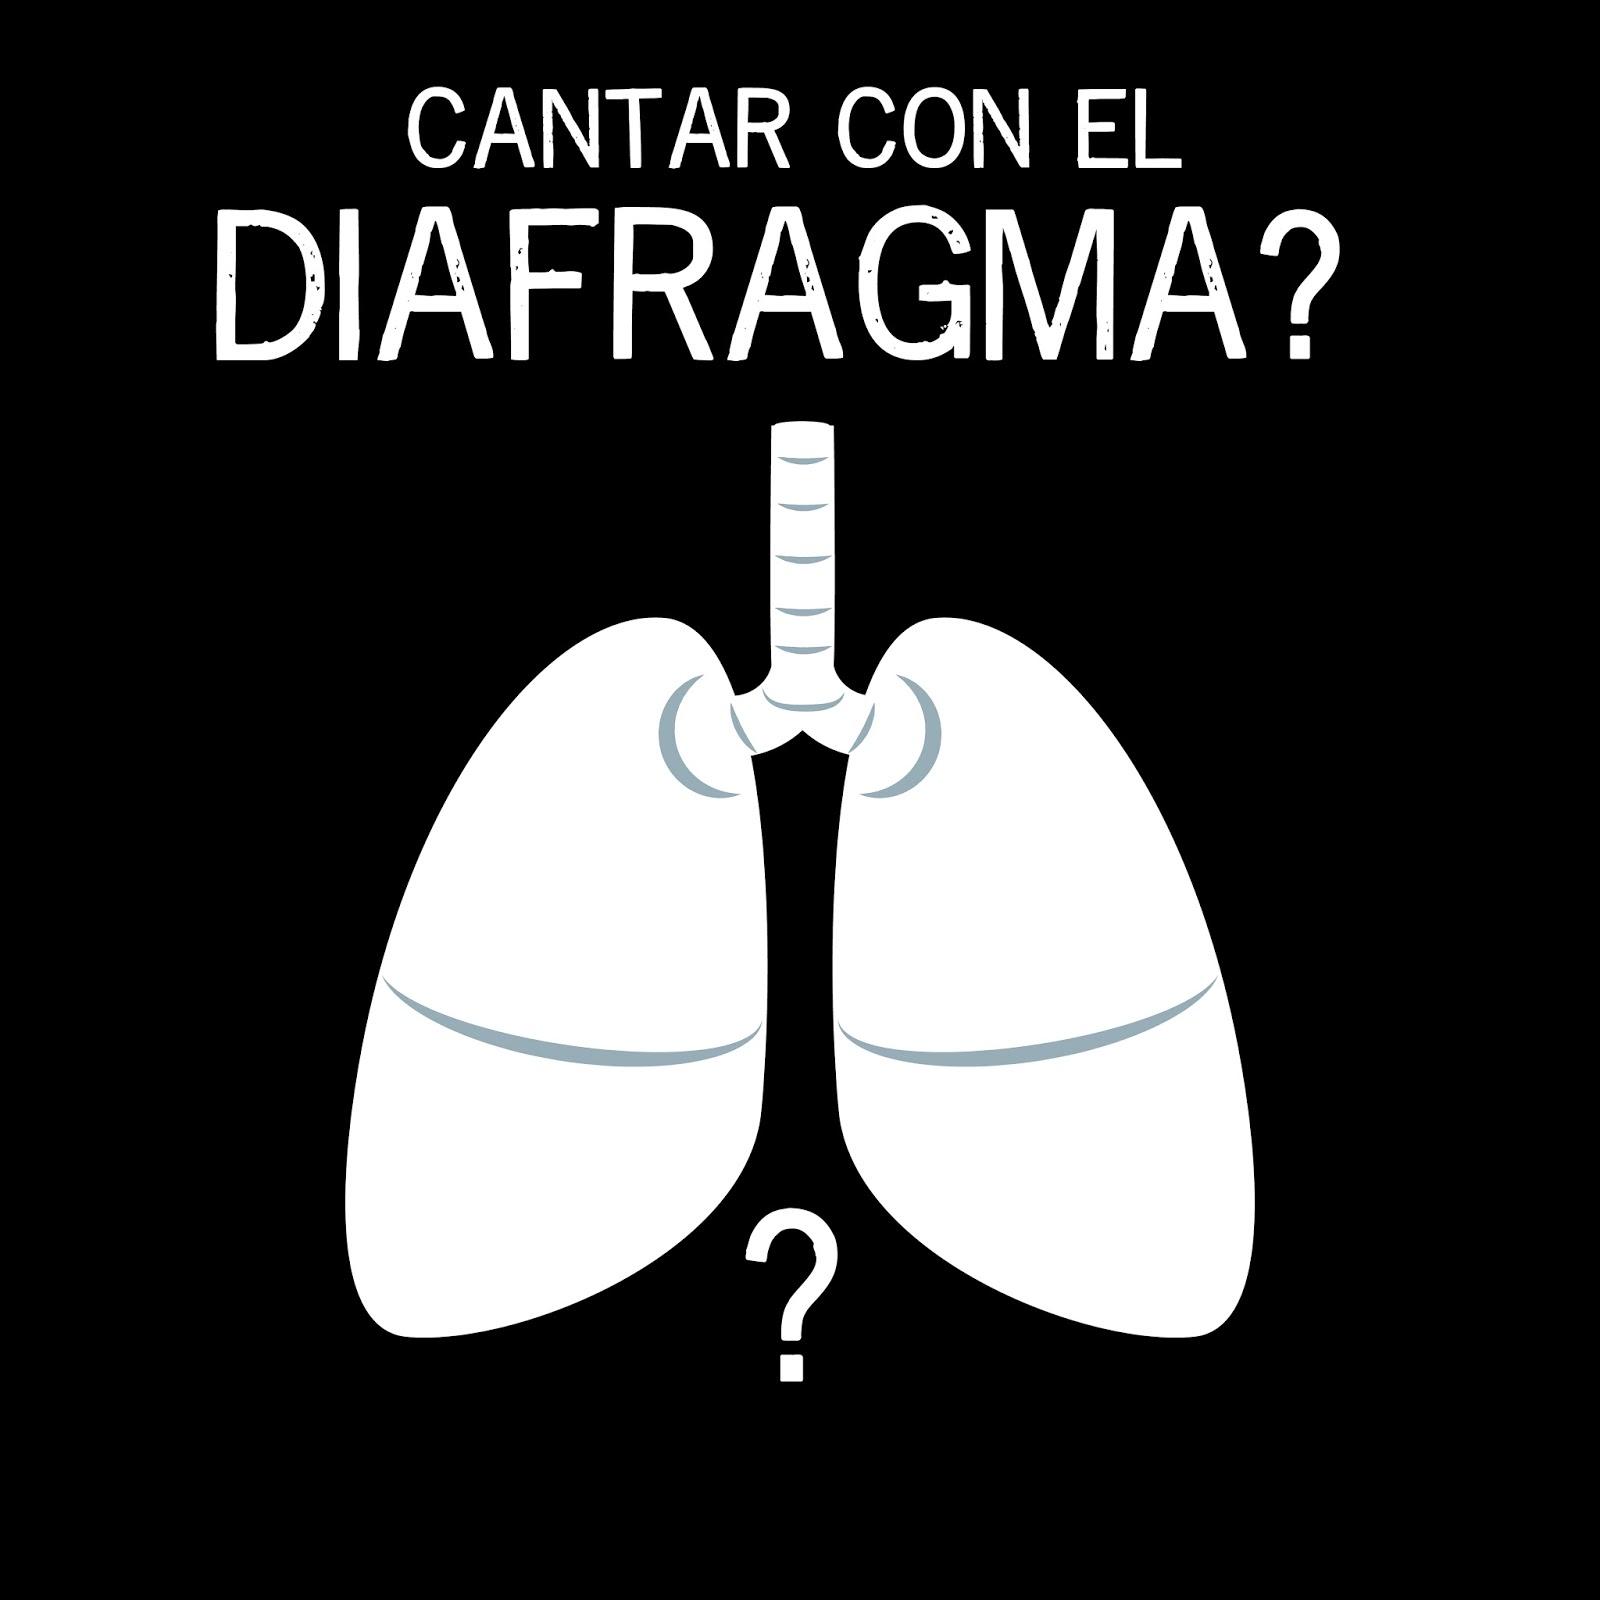 El Mito del Diafragma | Tips de Canto por Daniela Amado